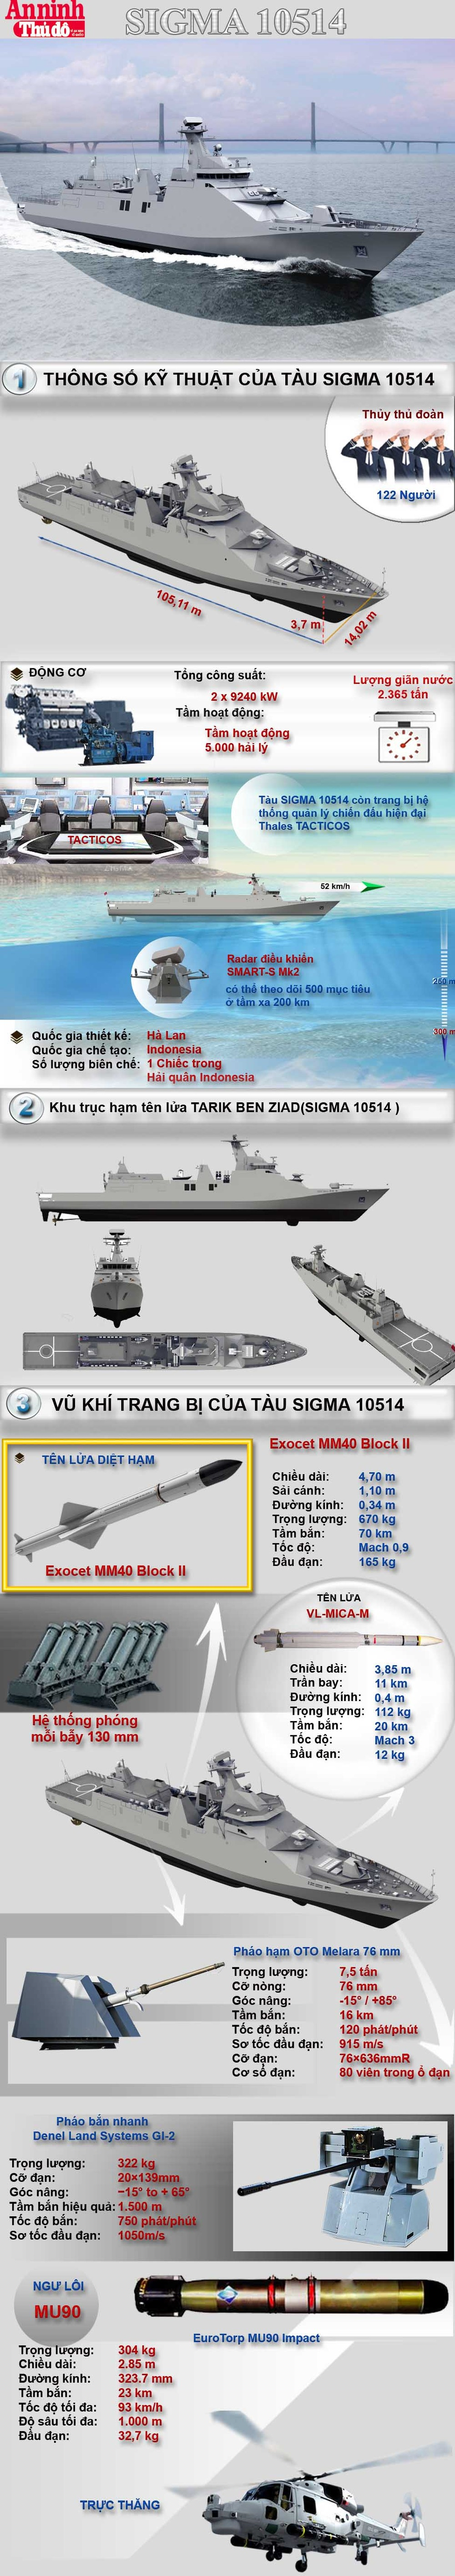 [Infographic] Sức mạnh tàu chiến tàng hình Sigma 10514 - uy lực nhất Đông Nam Á ảnh 1